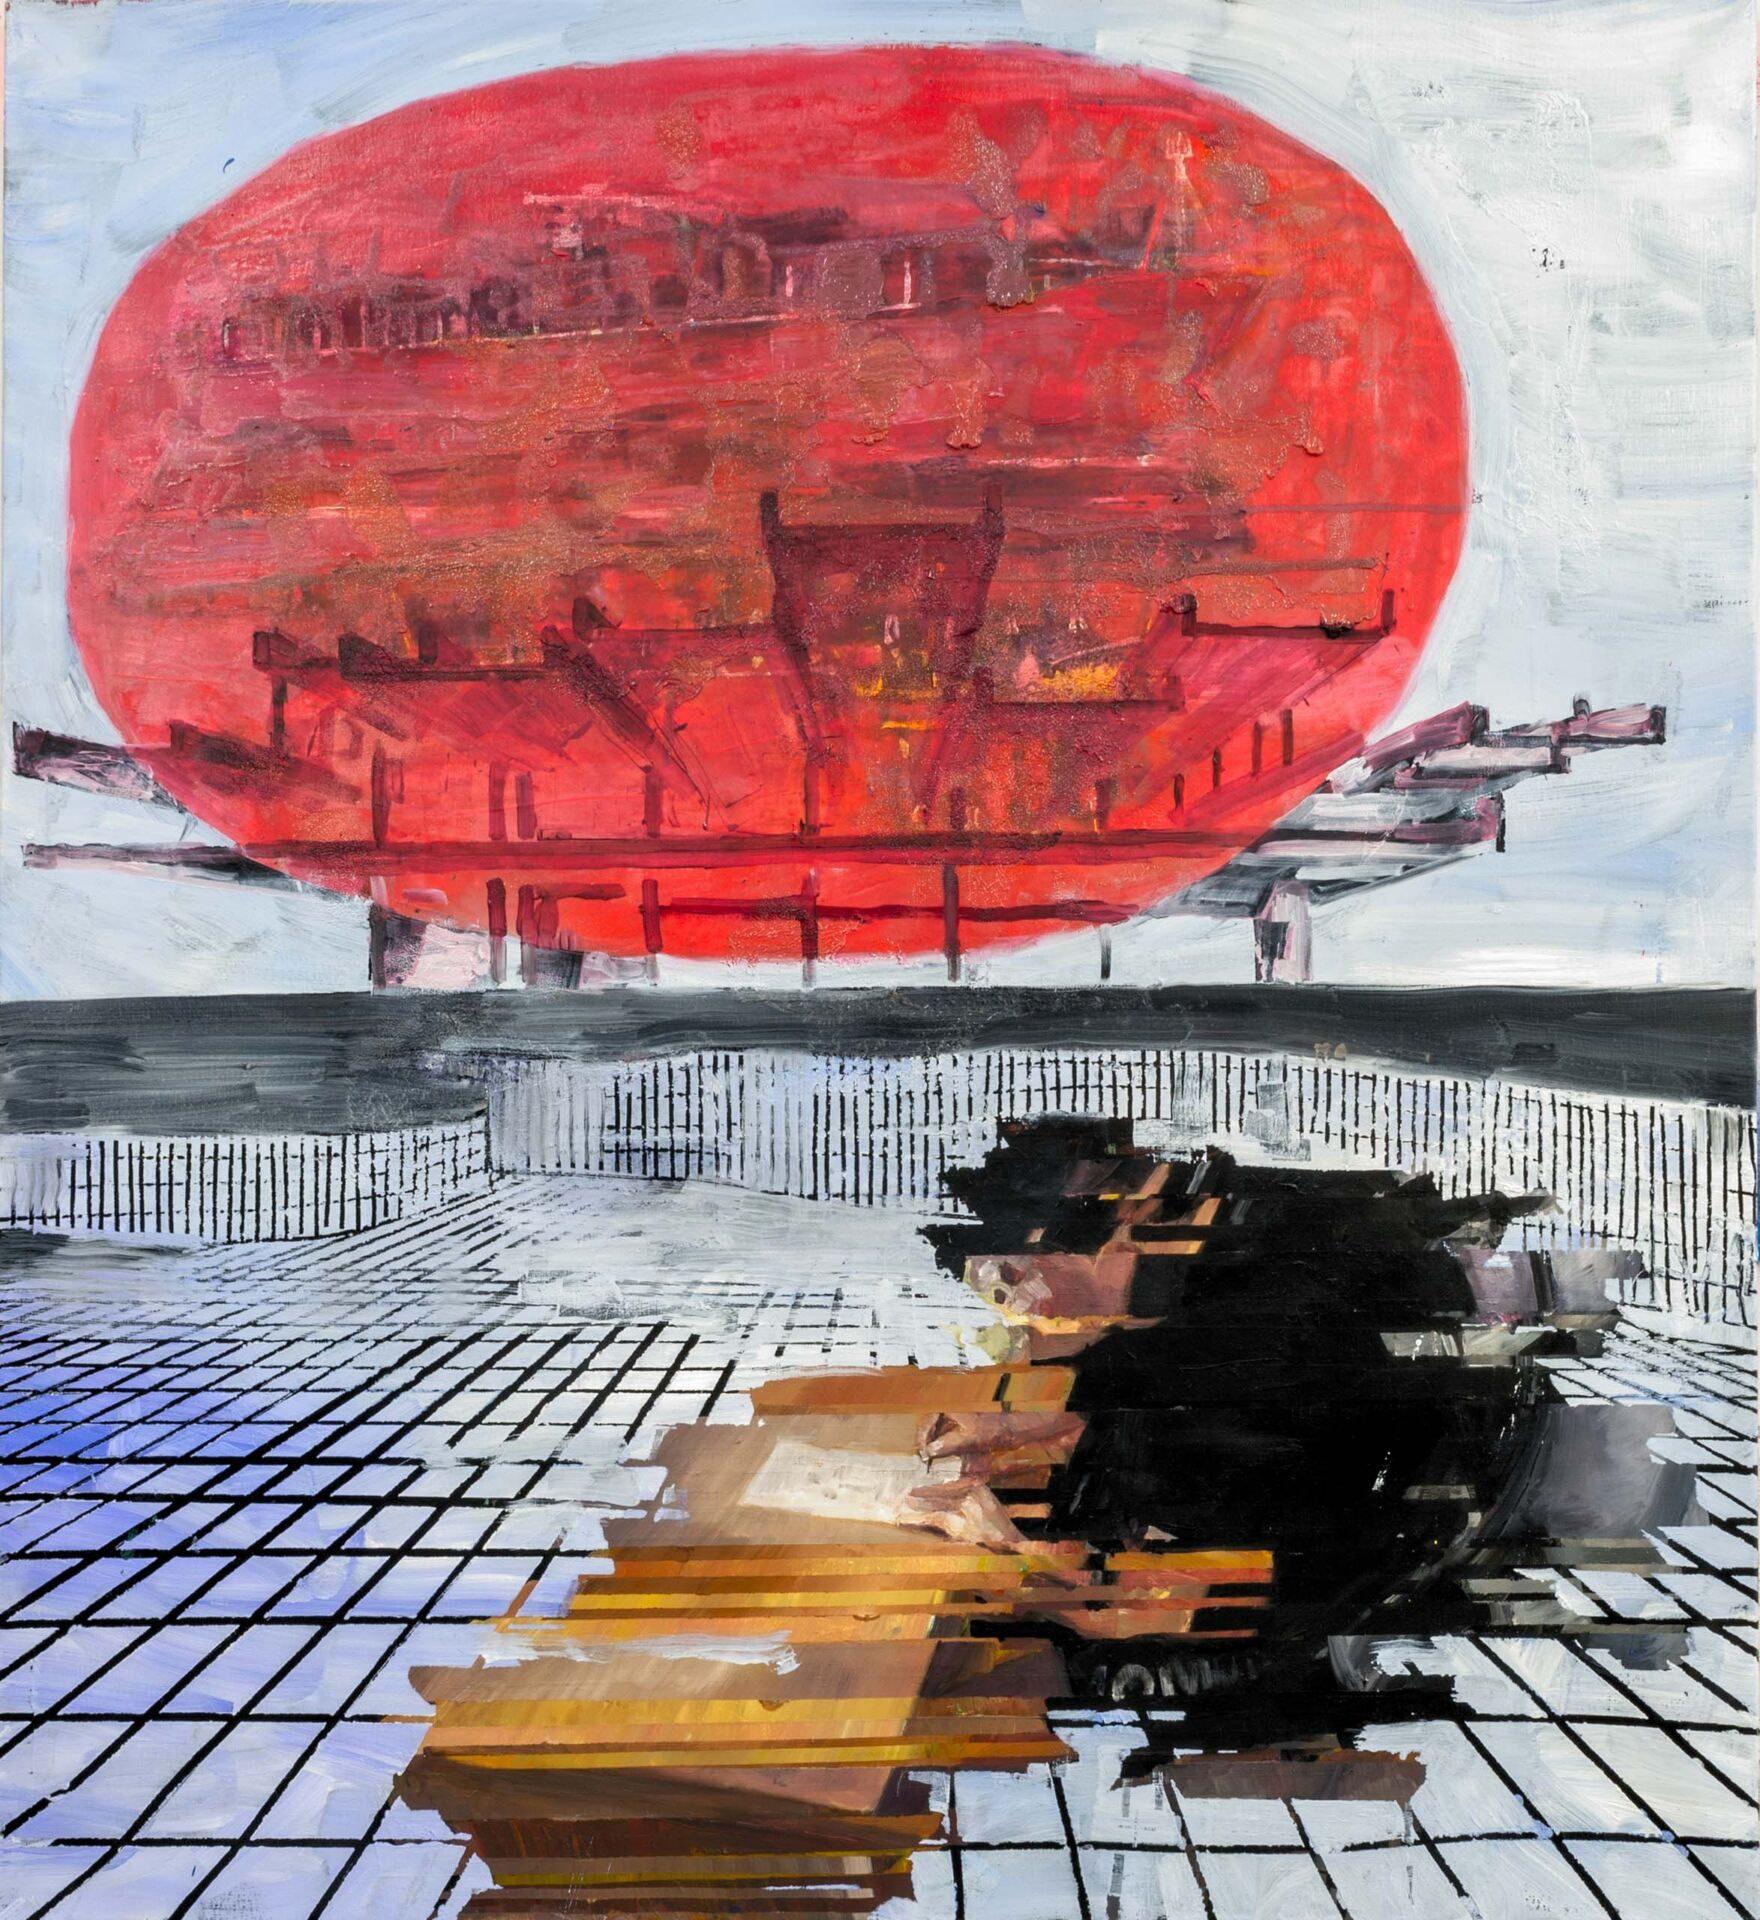 Painting by Erik Sigerud